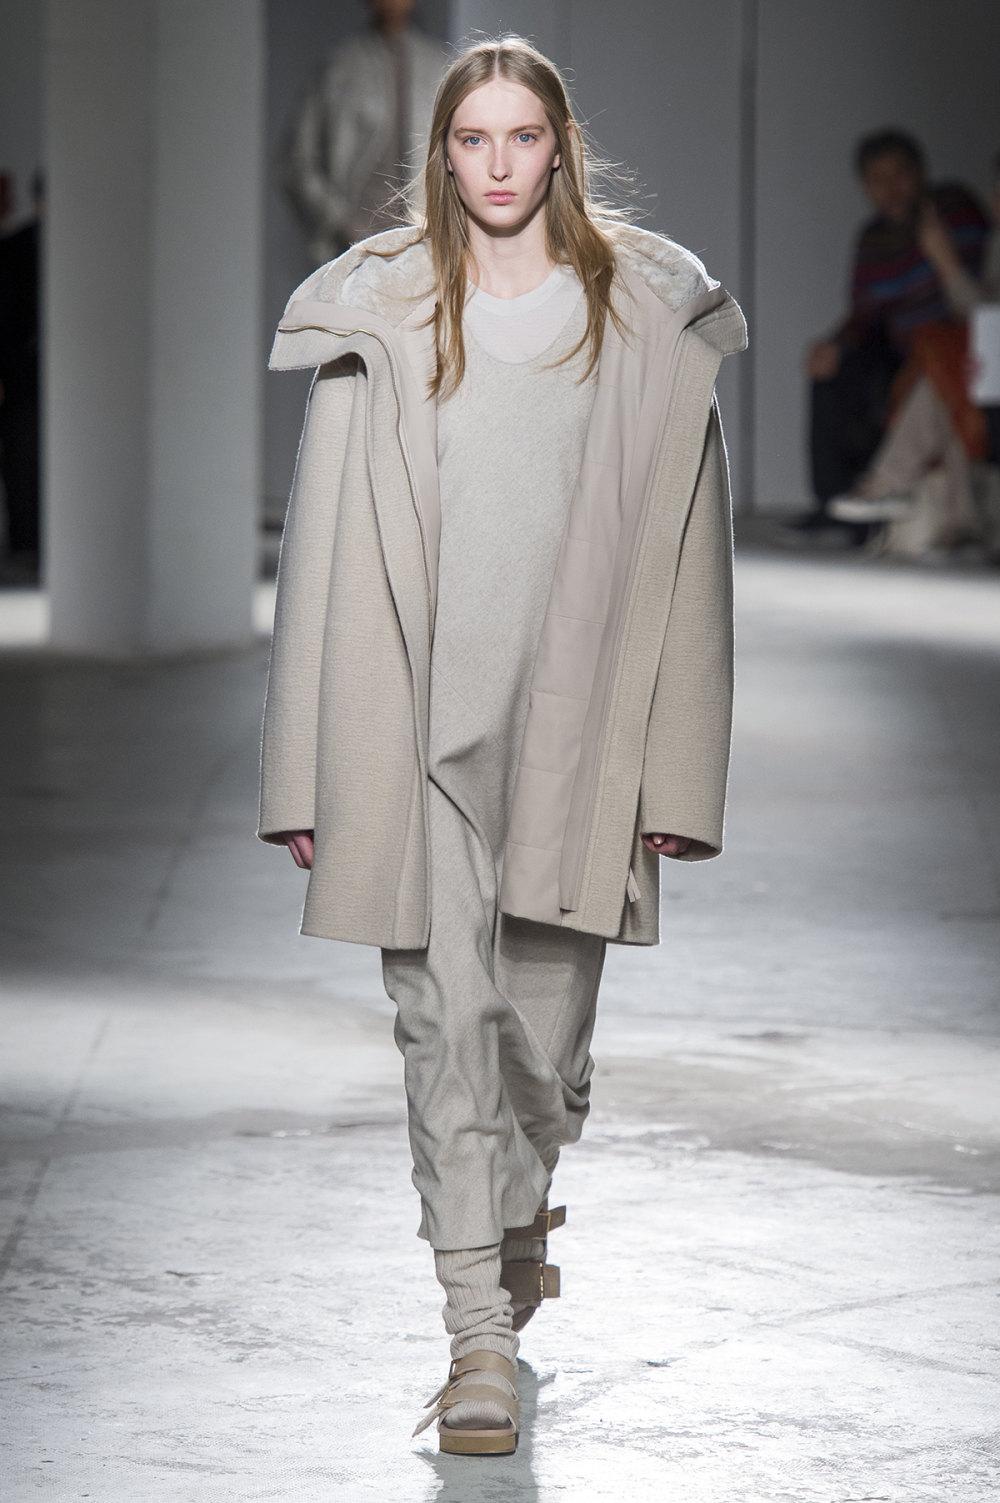 Agnona时装系列有纹理外套长而瘦有些穿着浴袍宽腿裤套装有巧克力-8.jpg